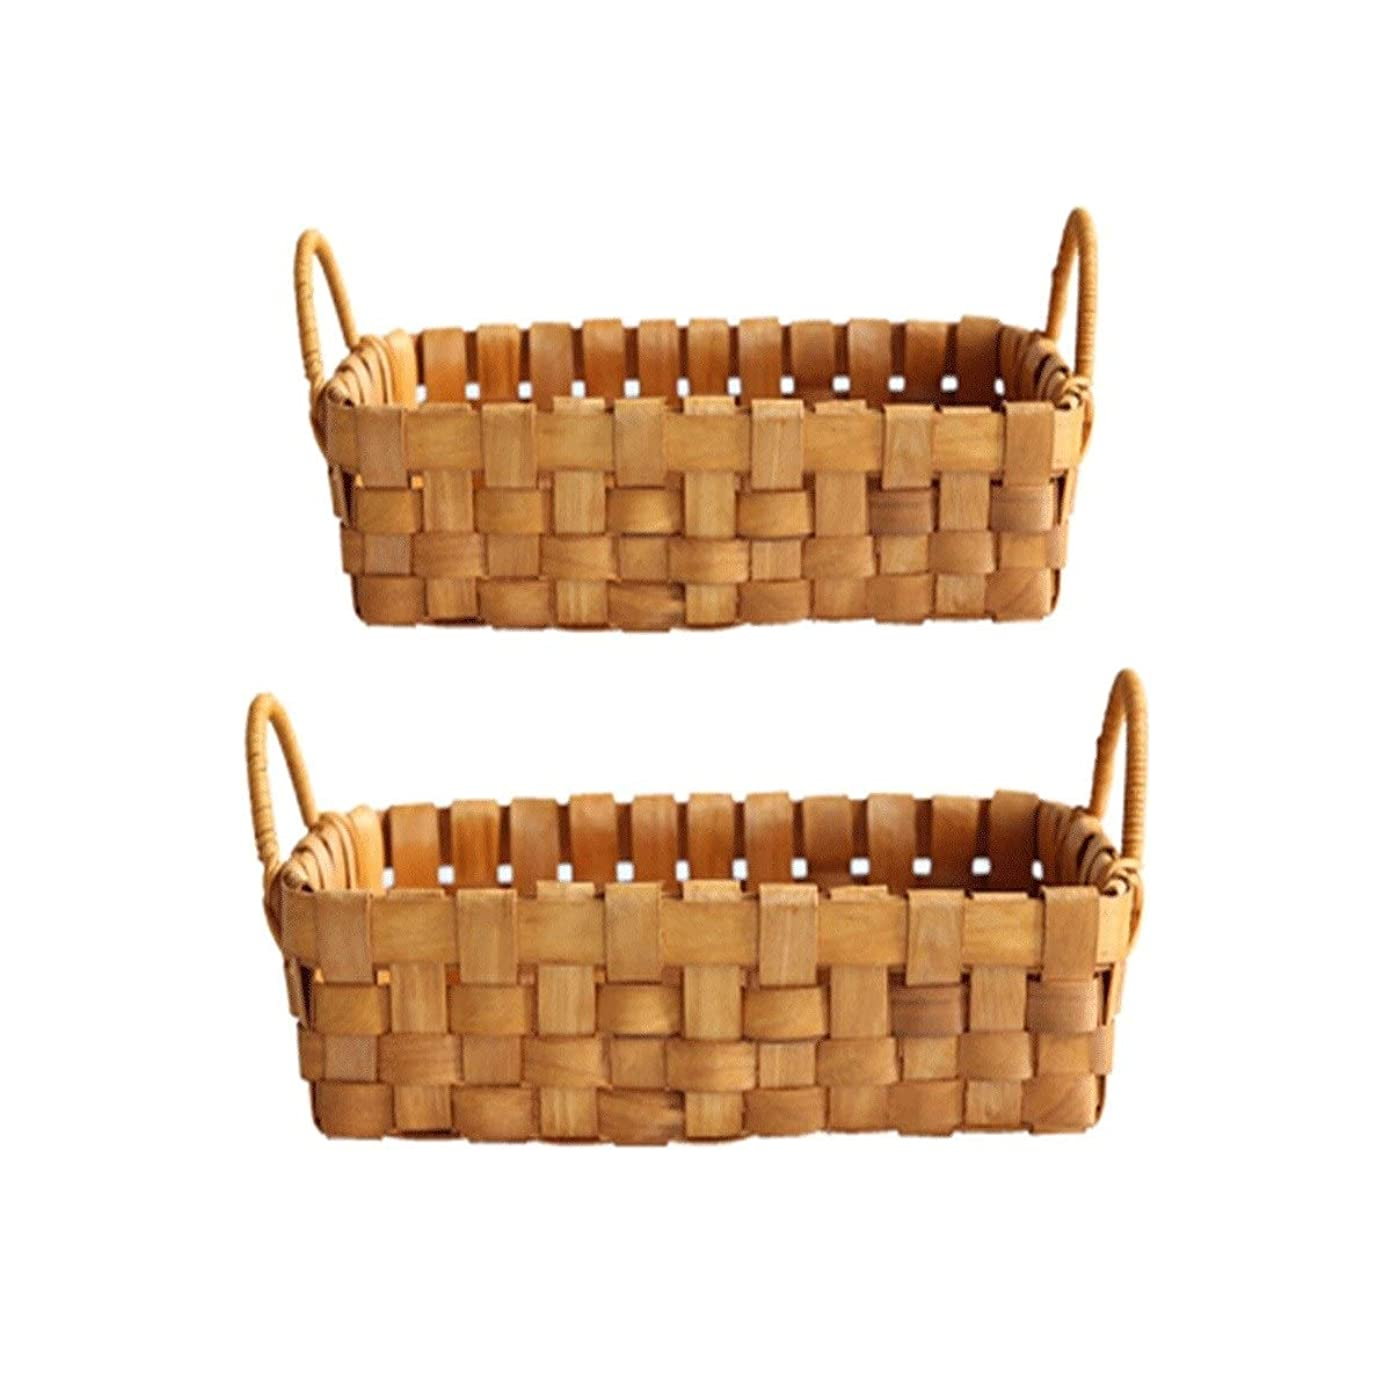 デッド記憶に残る戸棚JJESC 手作りの丸太、大容量の編みバスケット、バイノーラルフルーツバスケット、パンバスケット、収納バスケット、2個セット、大/小 竹織り、 (Color : C)